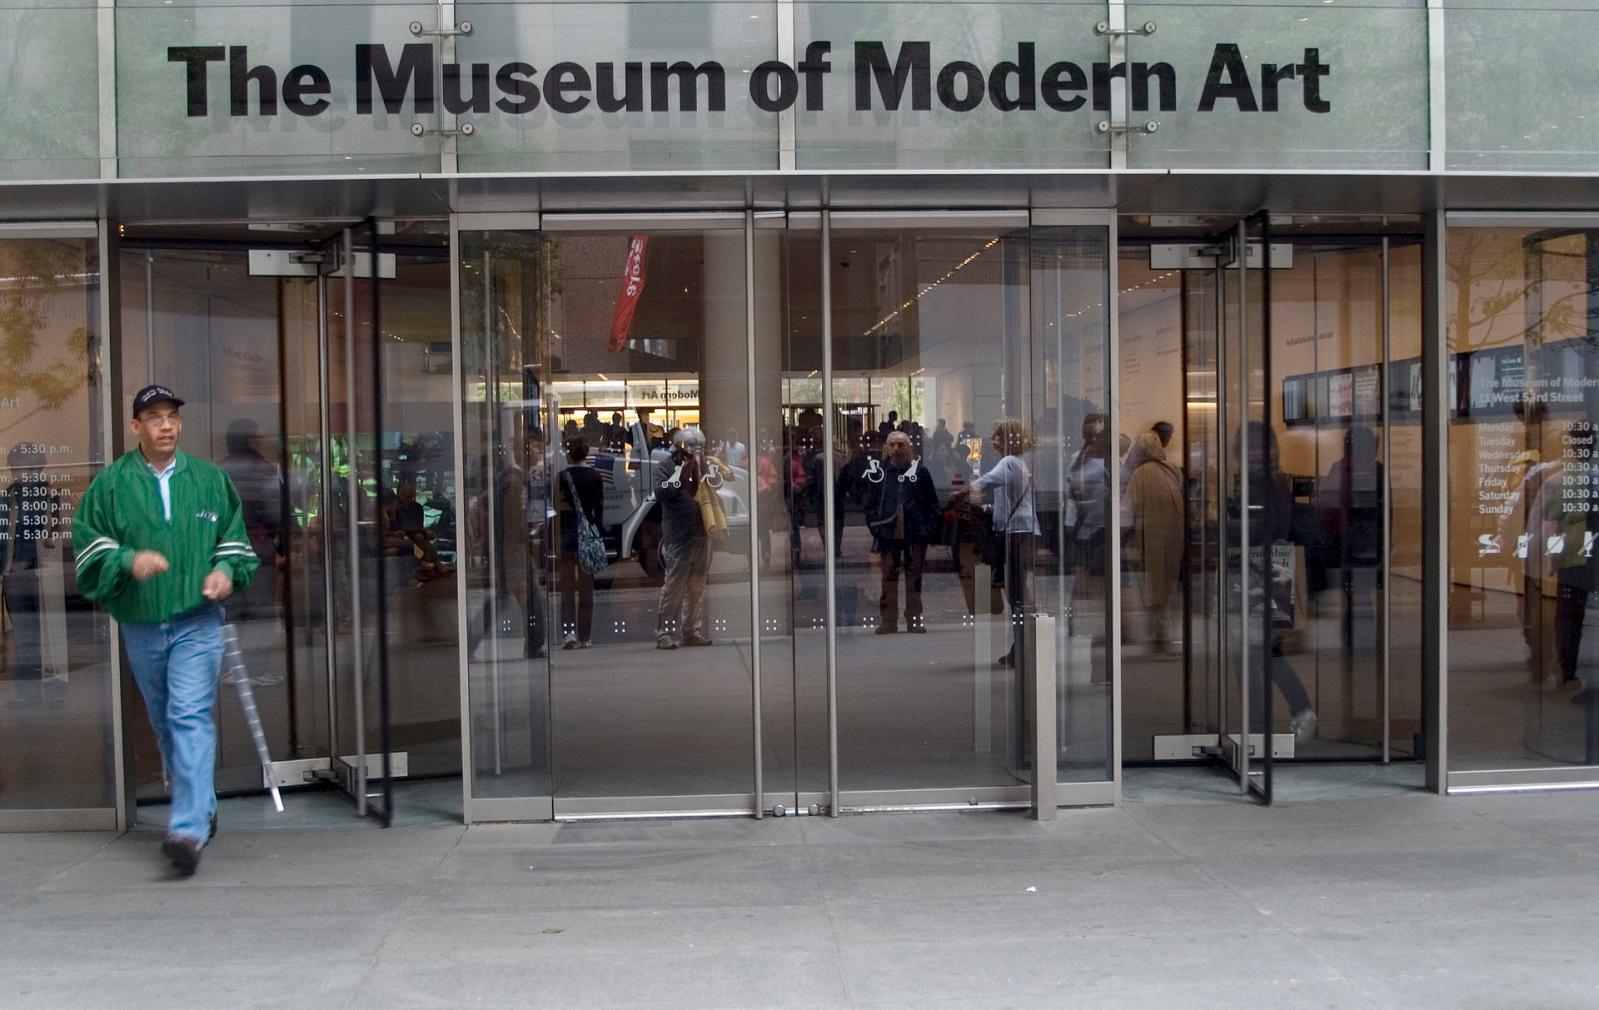 Museum of Modern Art, New York © Gorup de Besanez